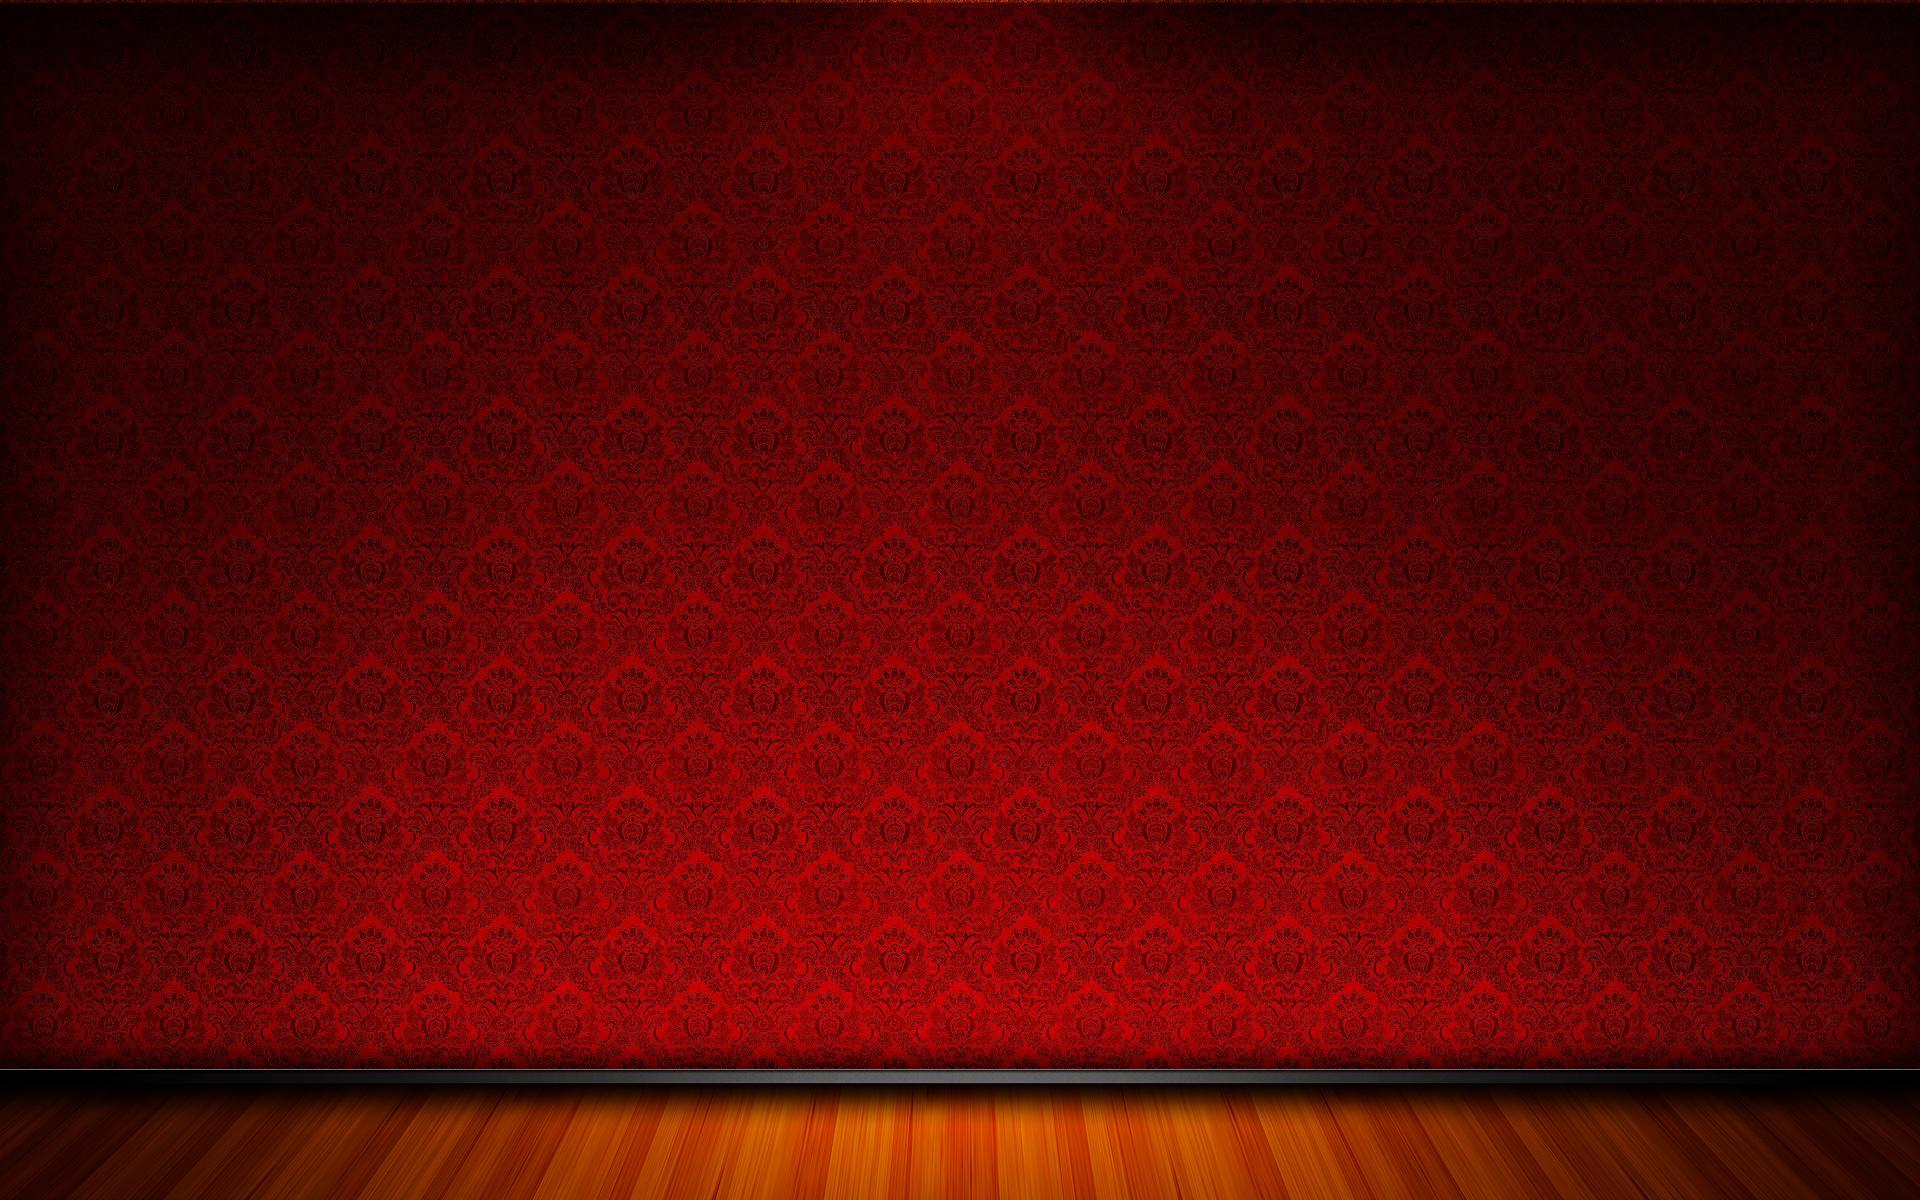 скачать картинку красный квадрат